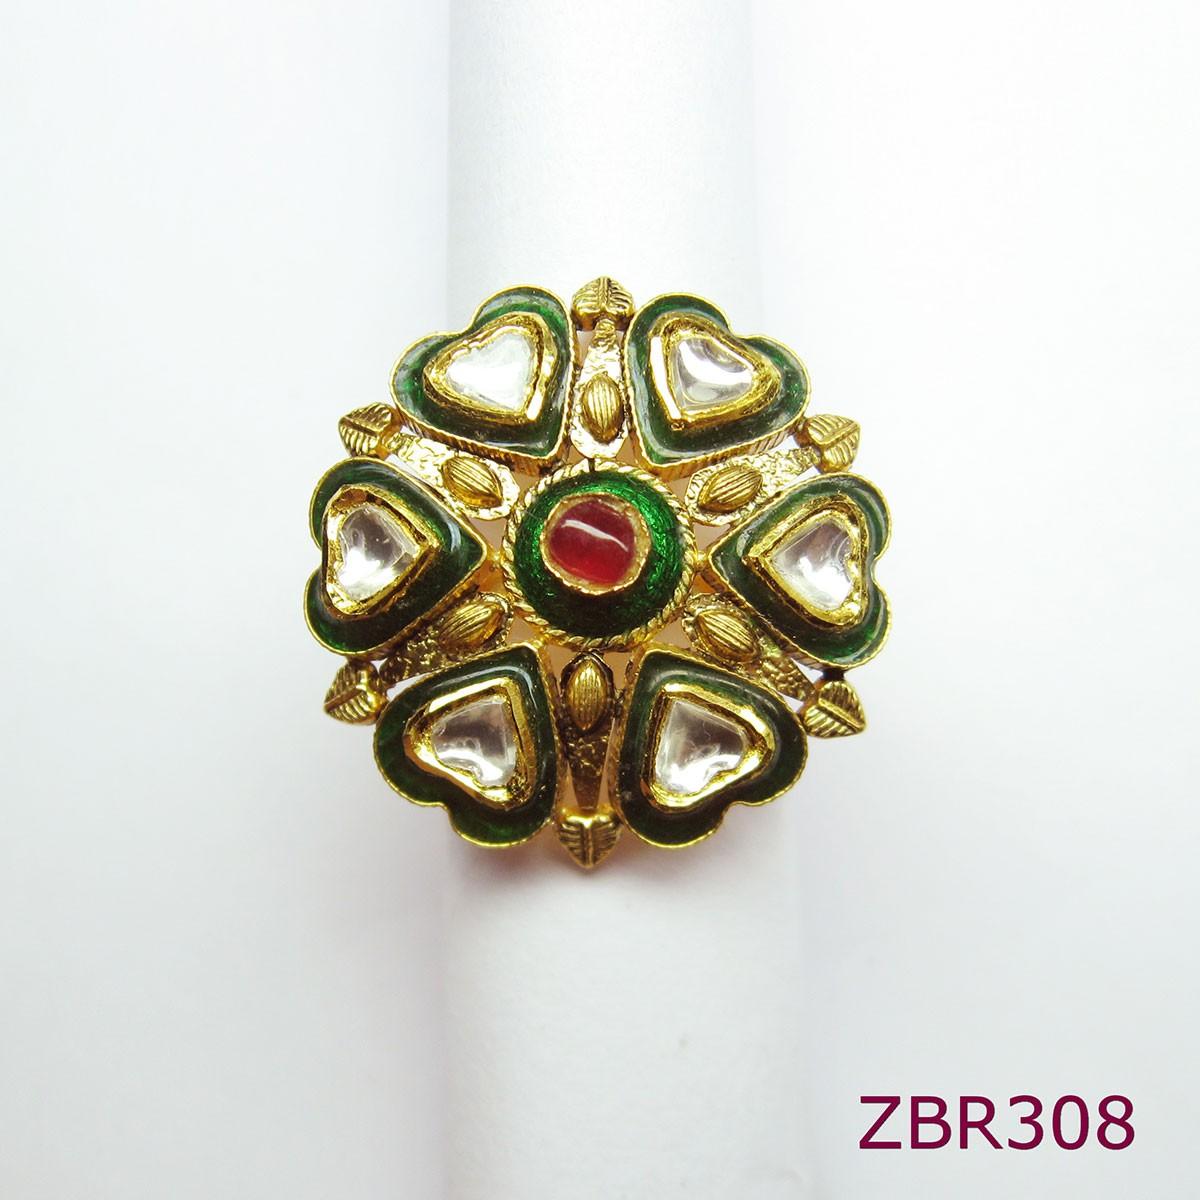 ZBR308